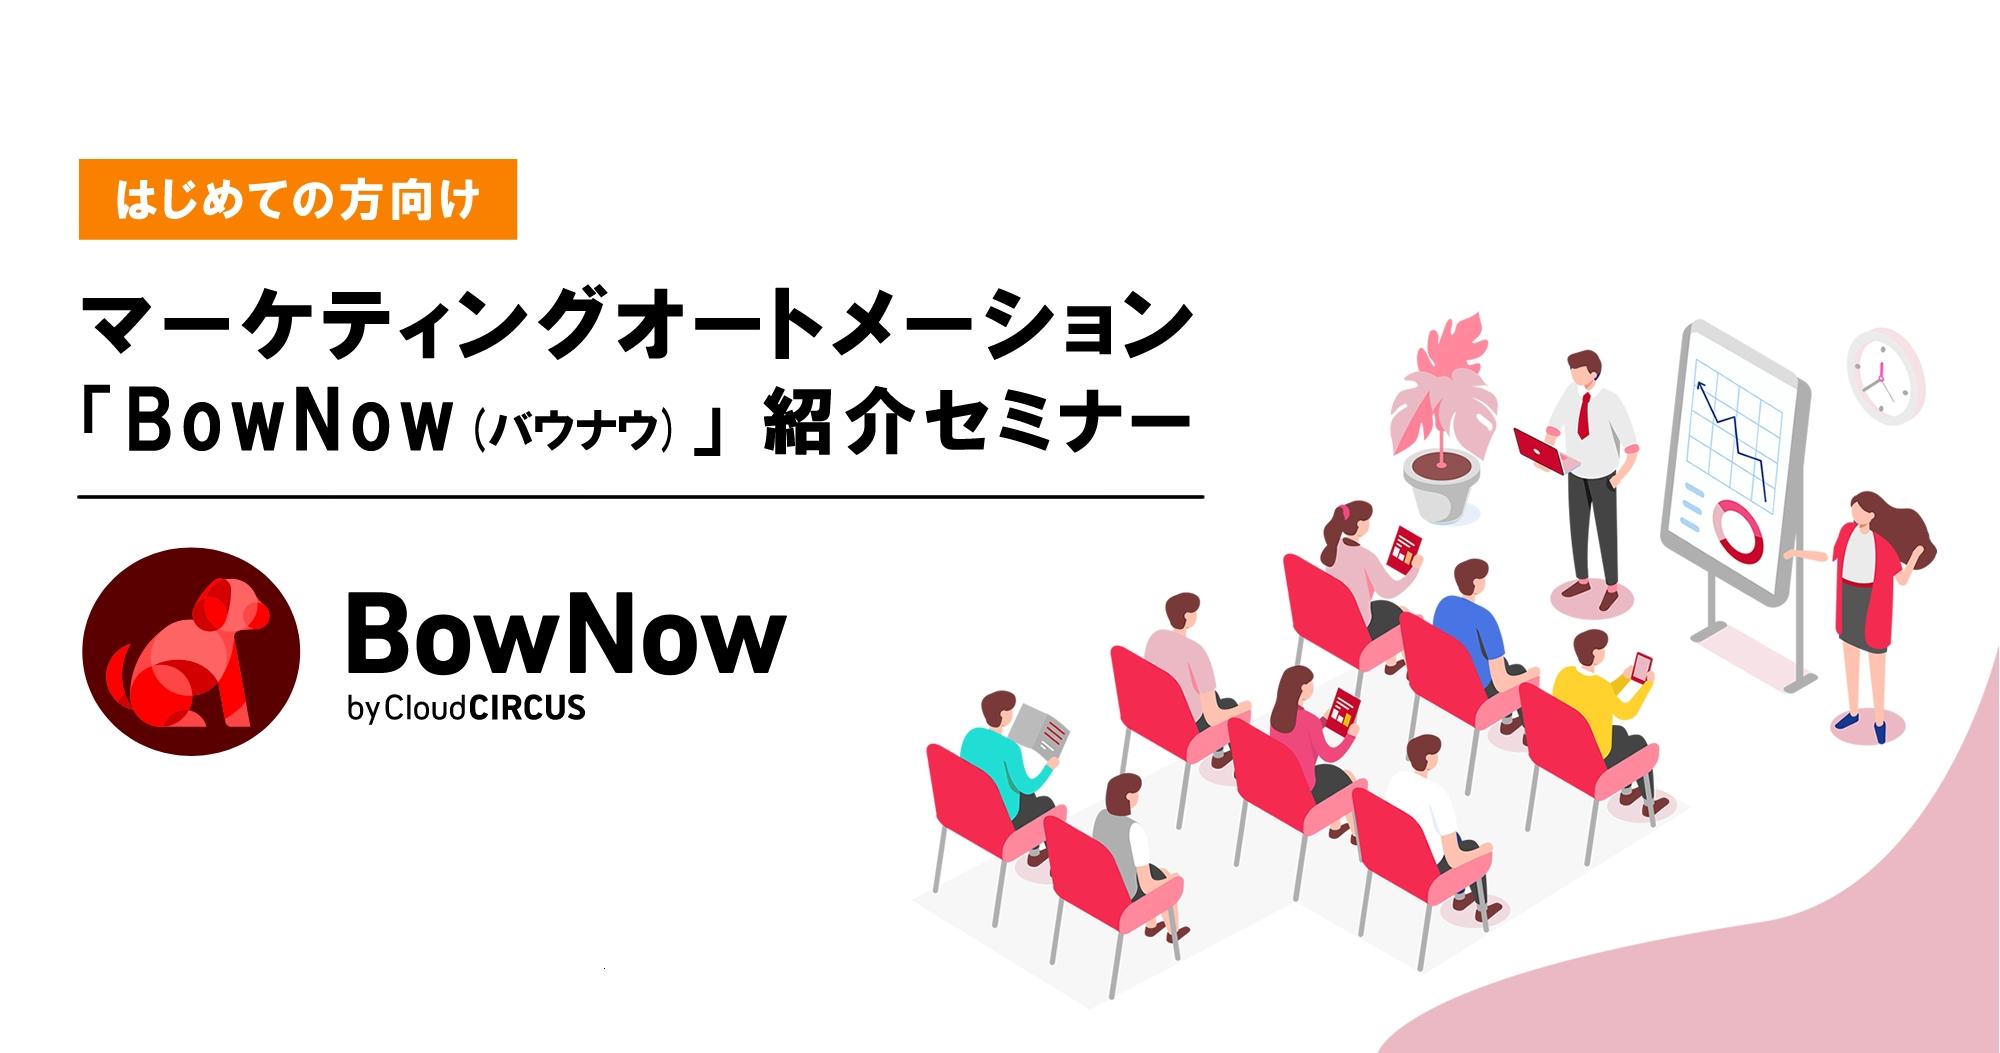 【5月12日(水)】マーケティングオートメーション「BowNow(バウナウ)」ご紹介セミナー